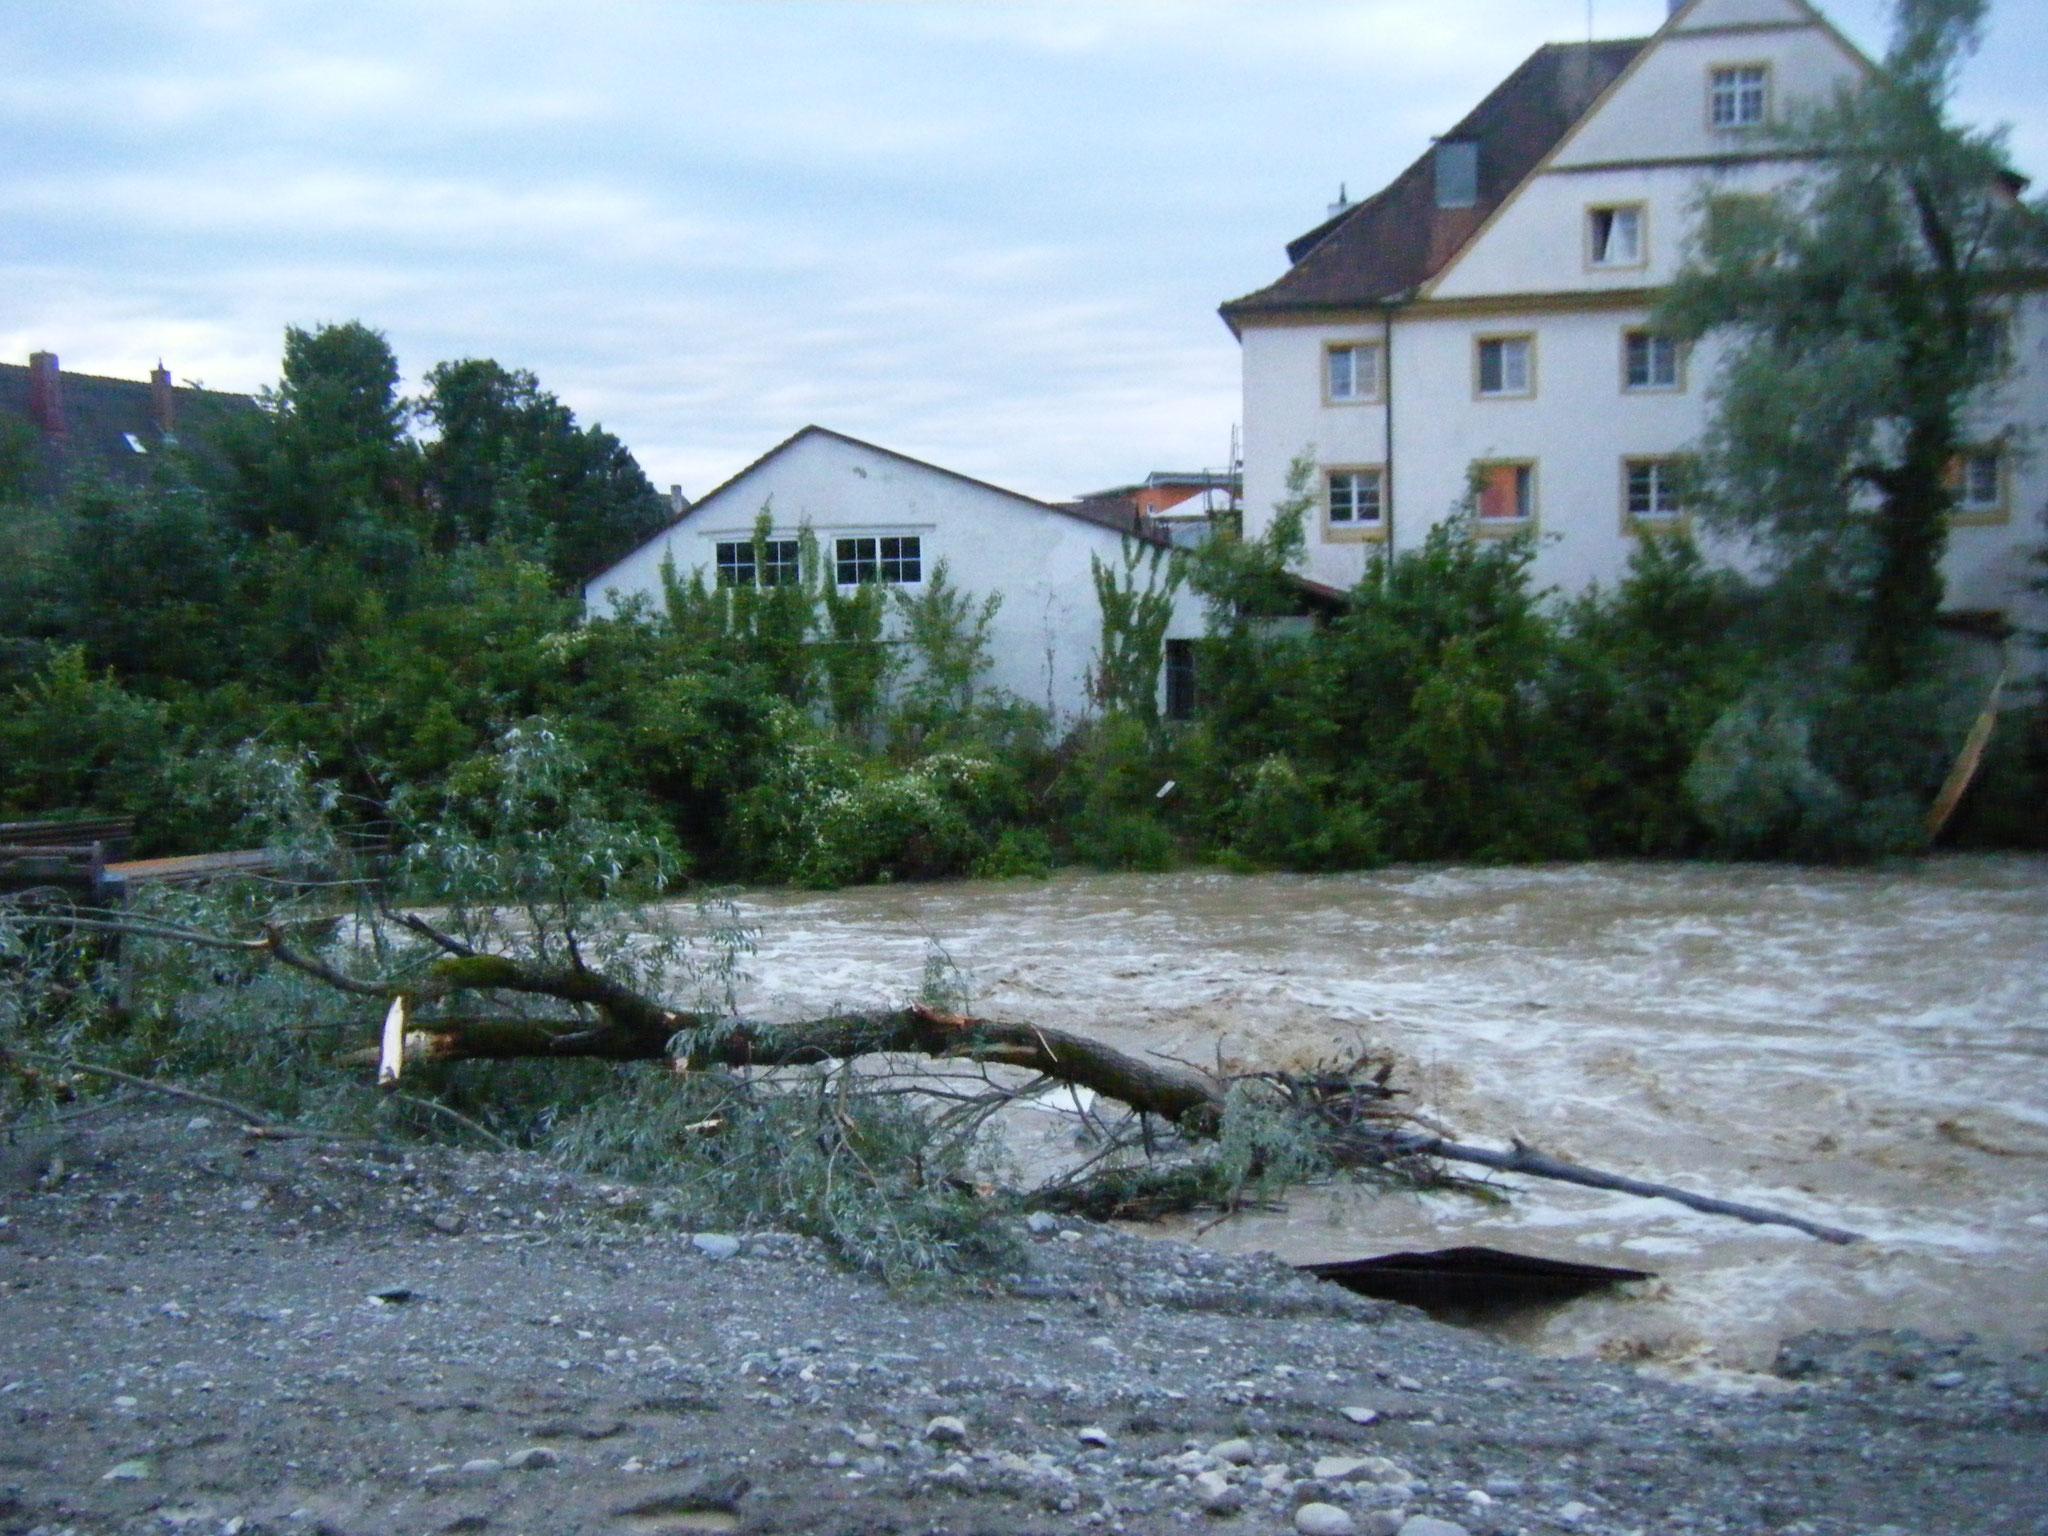 Gegenüber rechts sieht man einen abgerissenen Weidenstamm, vermutlich der Baum, der im Vordergund liegt